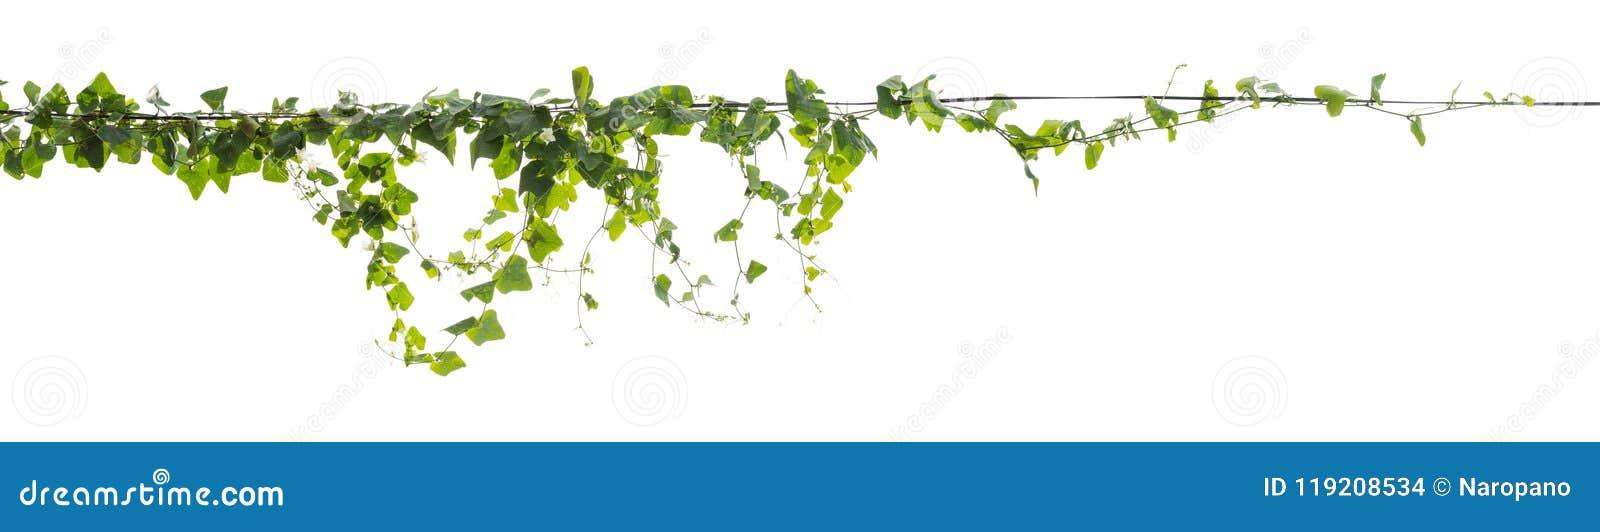 在白色背景隔绝的藤植物上升